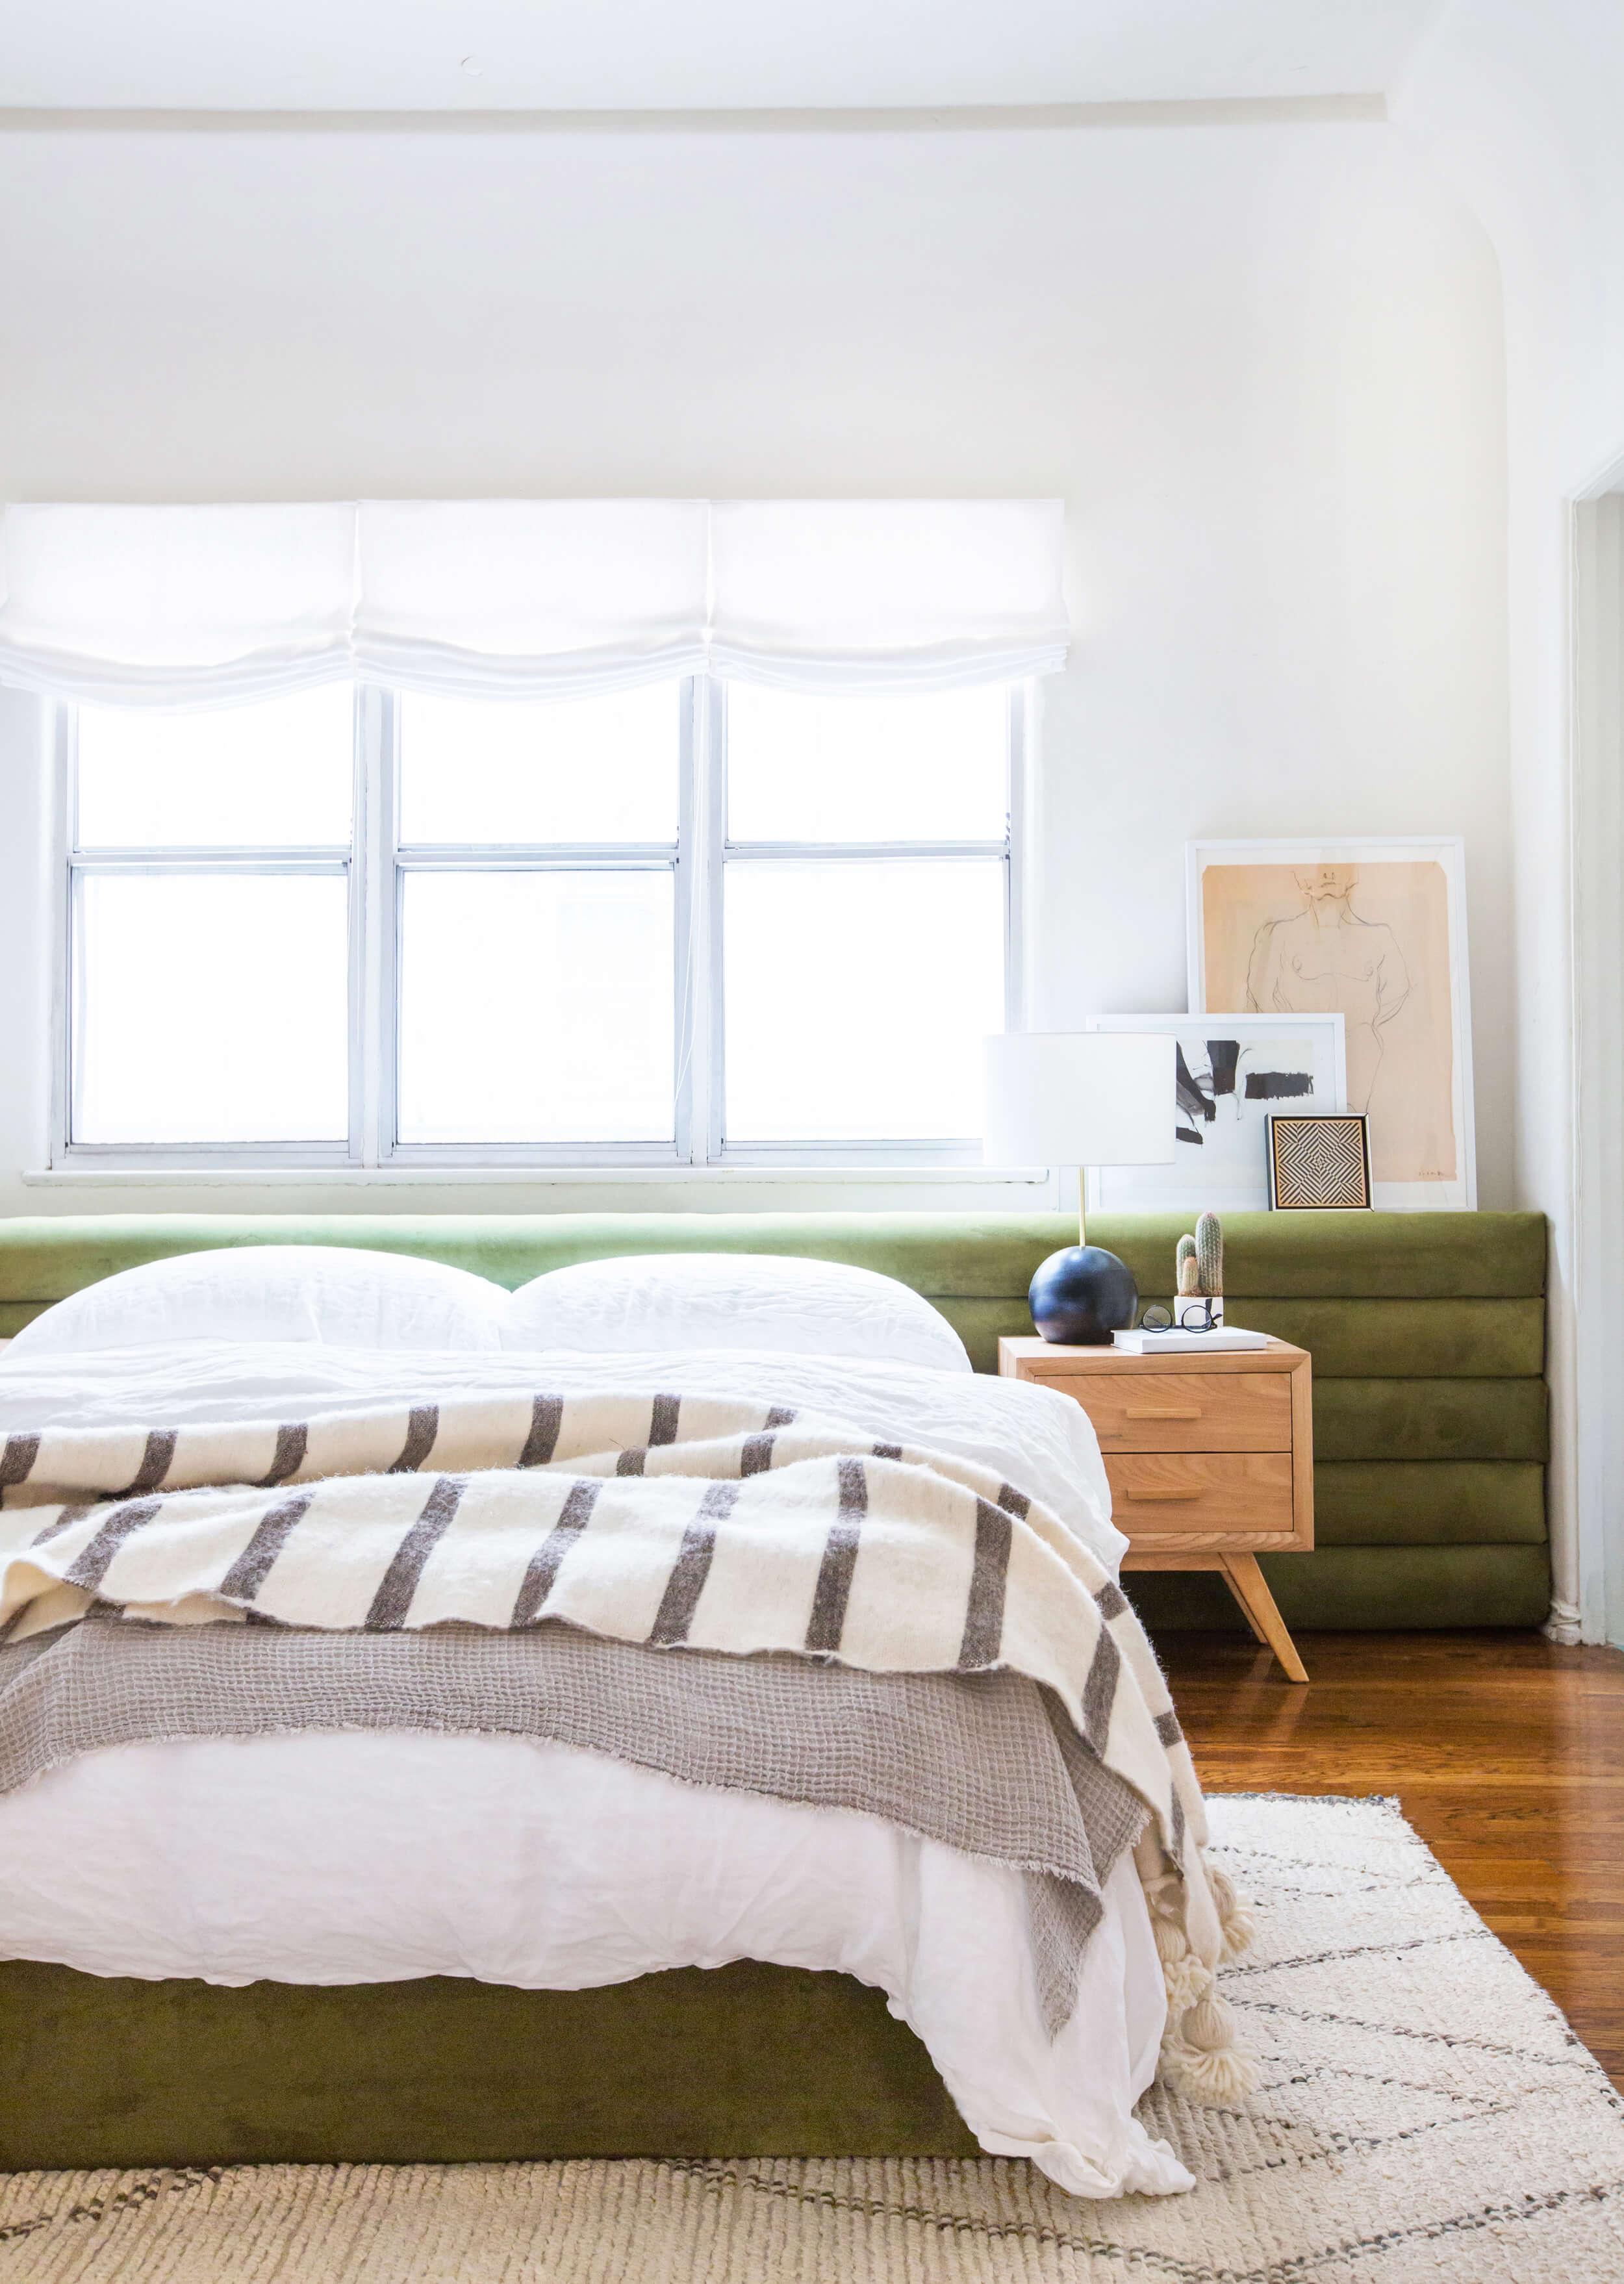 Оливковый цвет изголовья кровати в интерьере